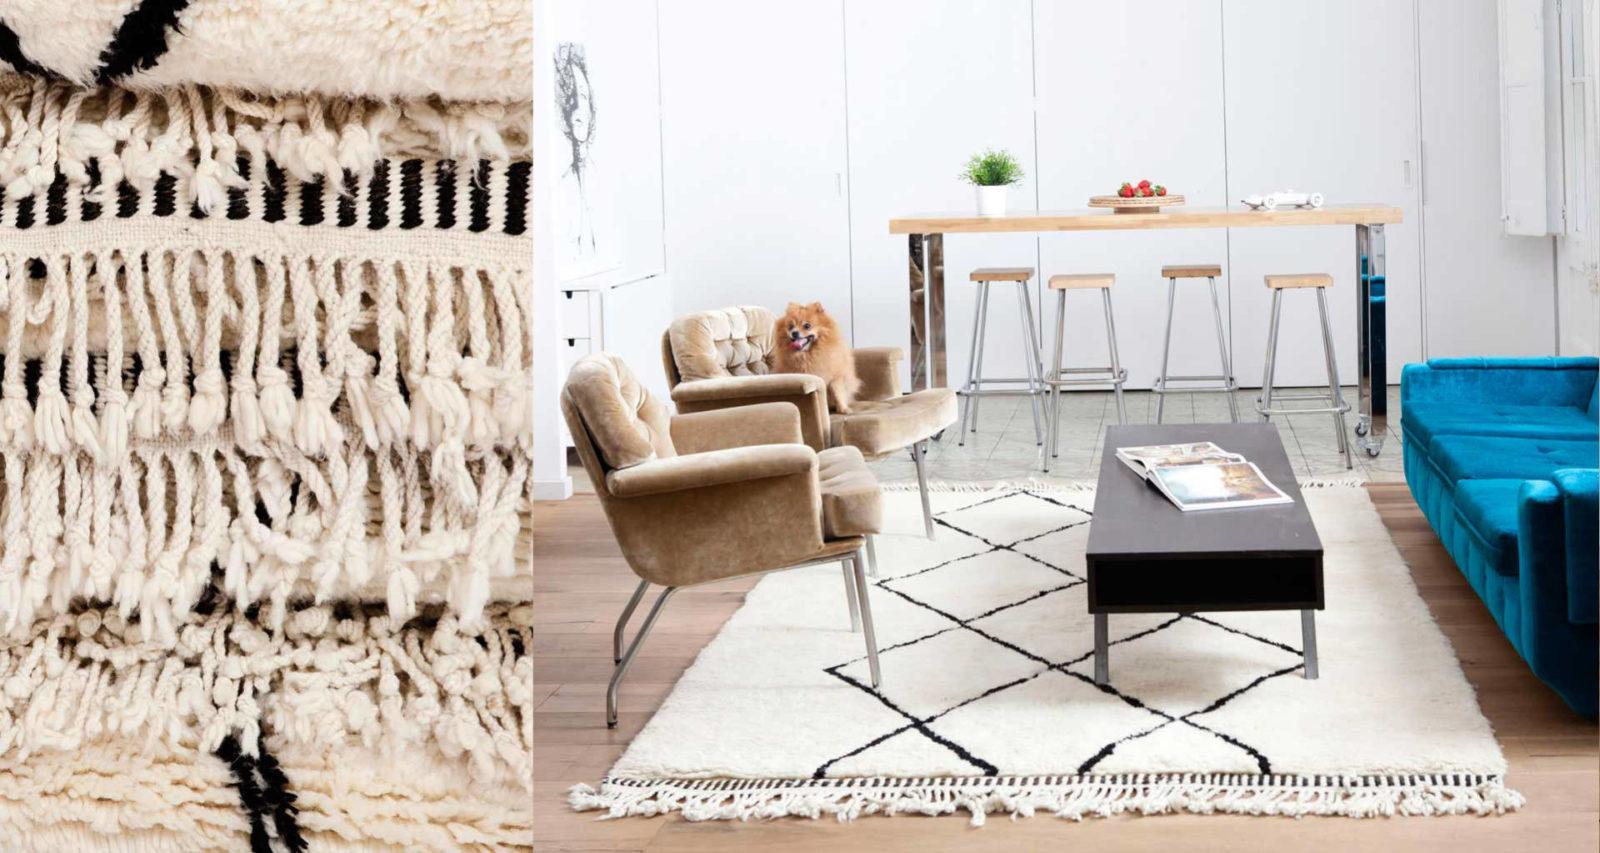 ontwerpen-beni-ourain-tapijt